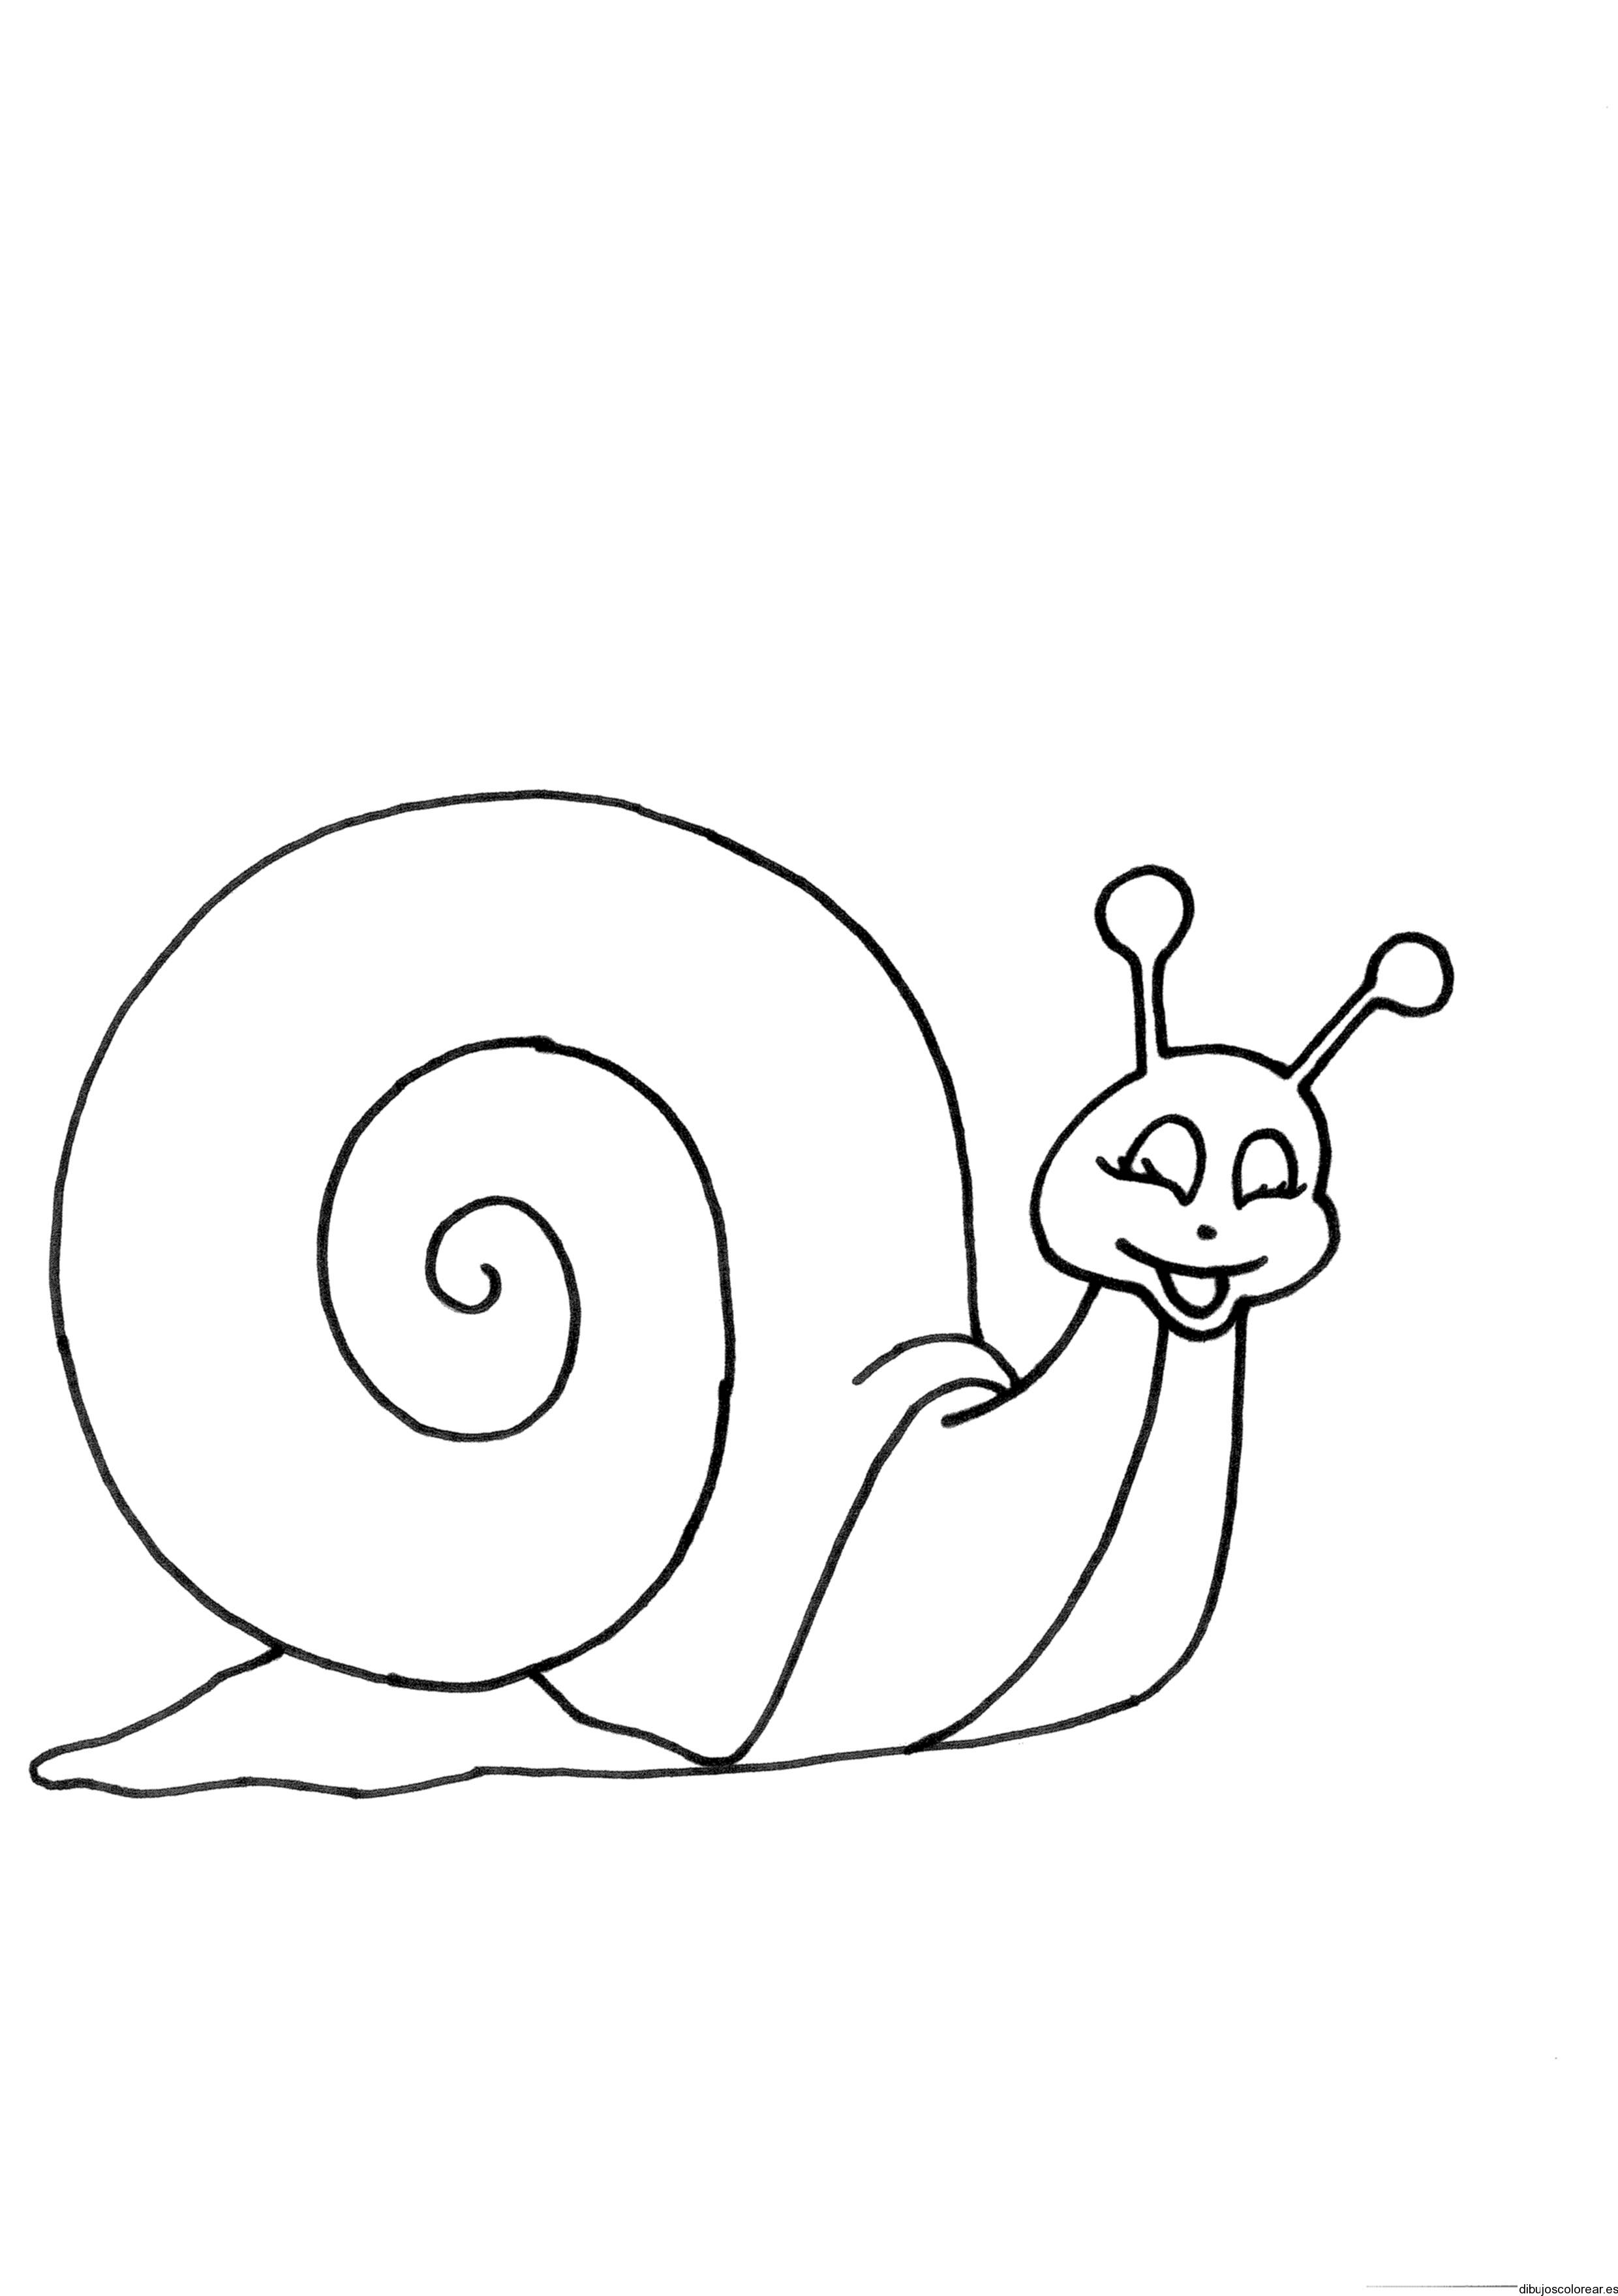 Dibujo de un caracol sonriendo